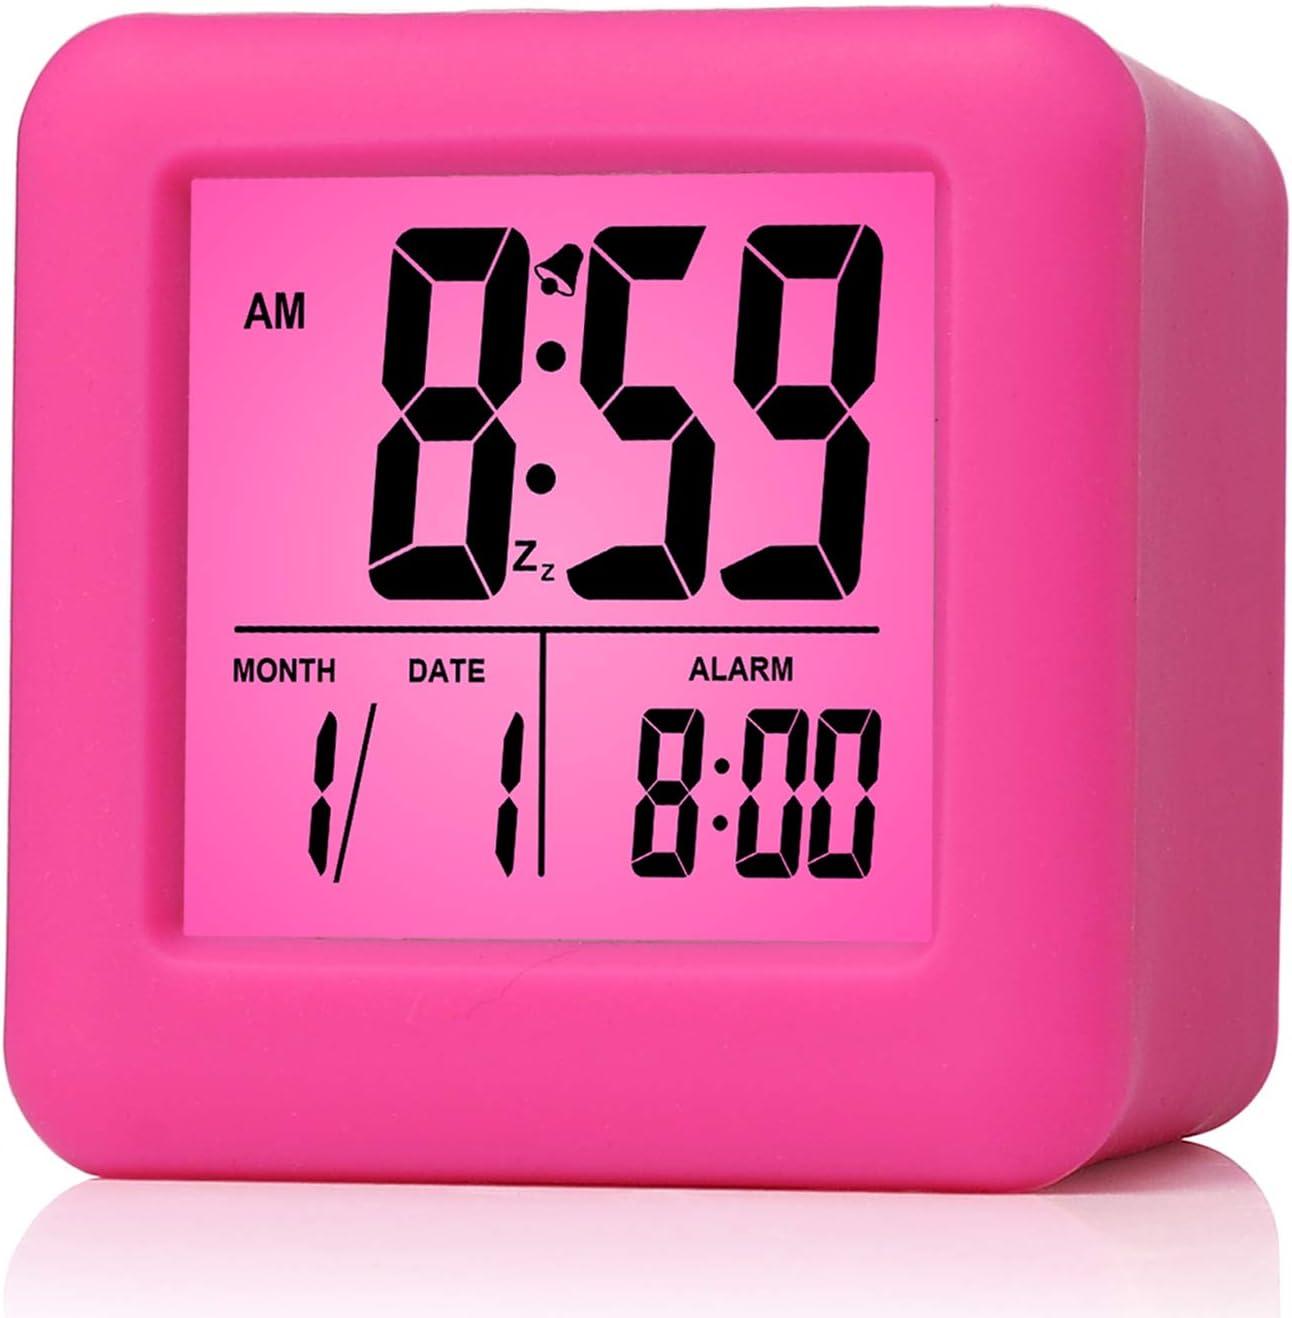 Plumeet Reloj Despertador Digital con Snooze, luz de Noche Suave, Pantalla Grande con Hora, Fecha y Alarma, Alarma con Sonido Ascendente y tamaño portátil, niños (Rosa)